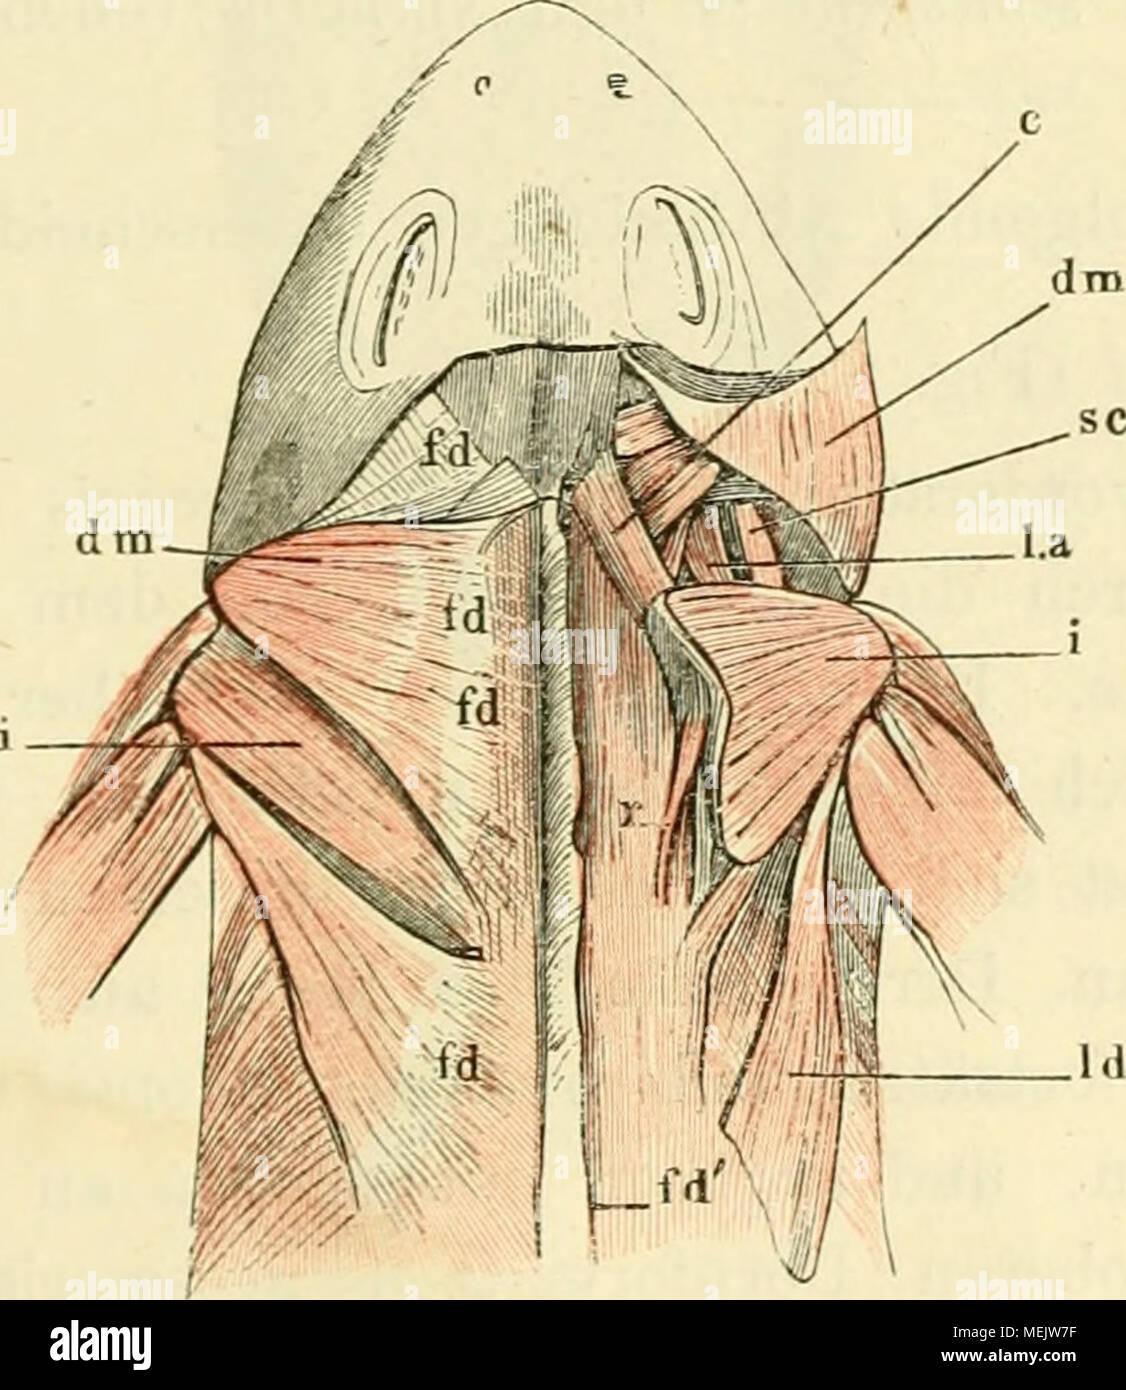 Beste Anatomie Und Physiologie Färbung Arbeitsmappe Kapitel 7 ...